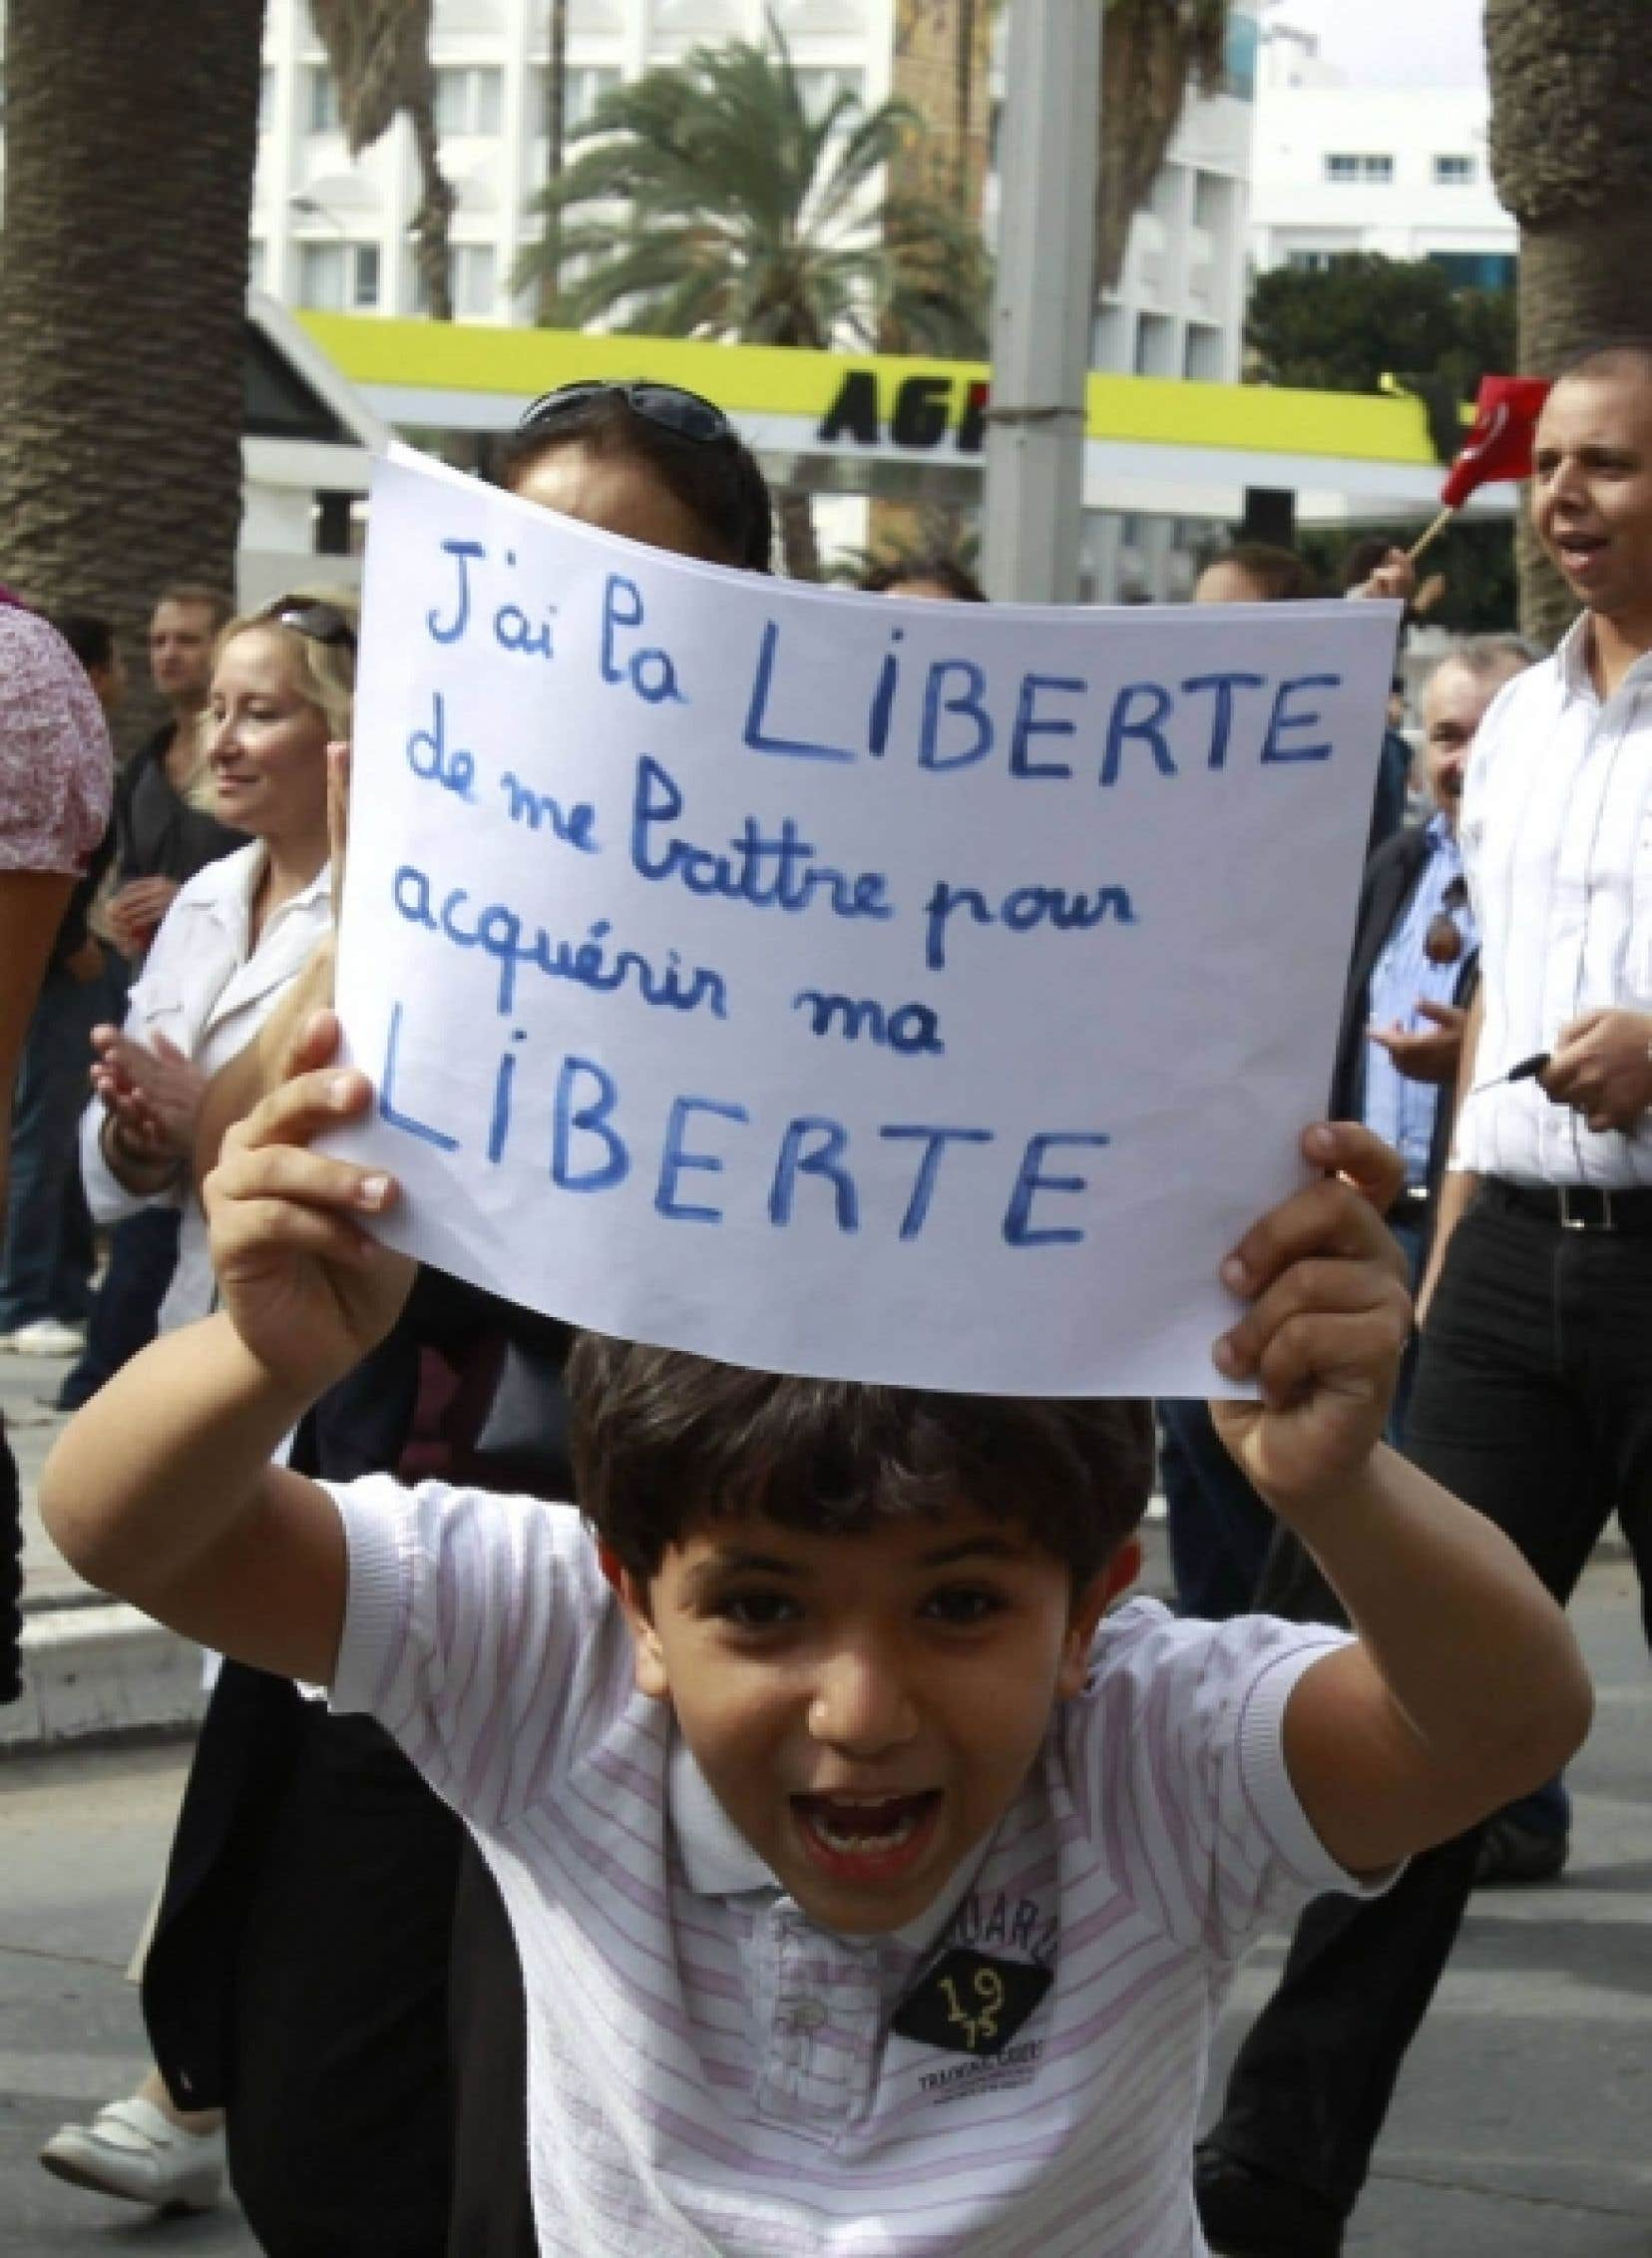 Pour ne «pas laisser la rue aux barbus» des milliers de Tunisiens, dont cet enfant, ont manifesté hier afin de réclamer le respect de la liberté d'expression<br />